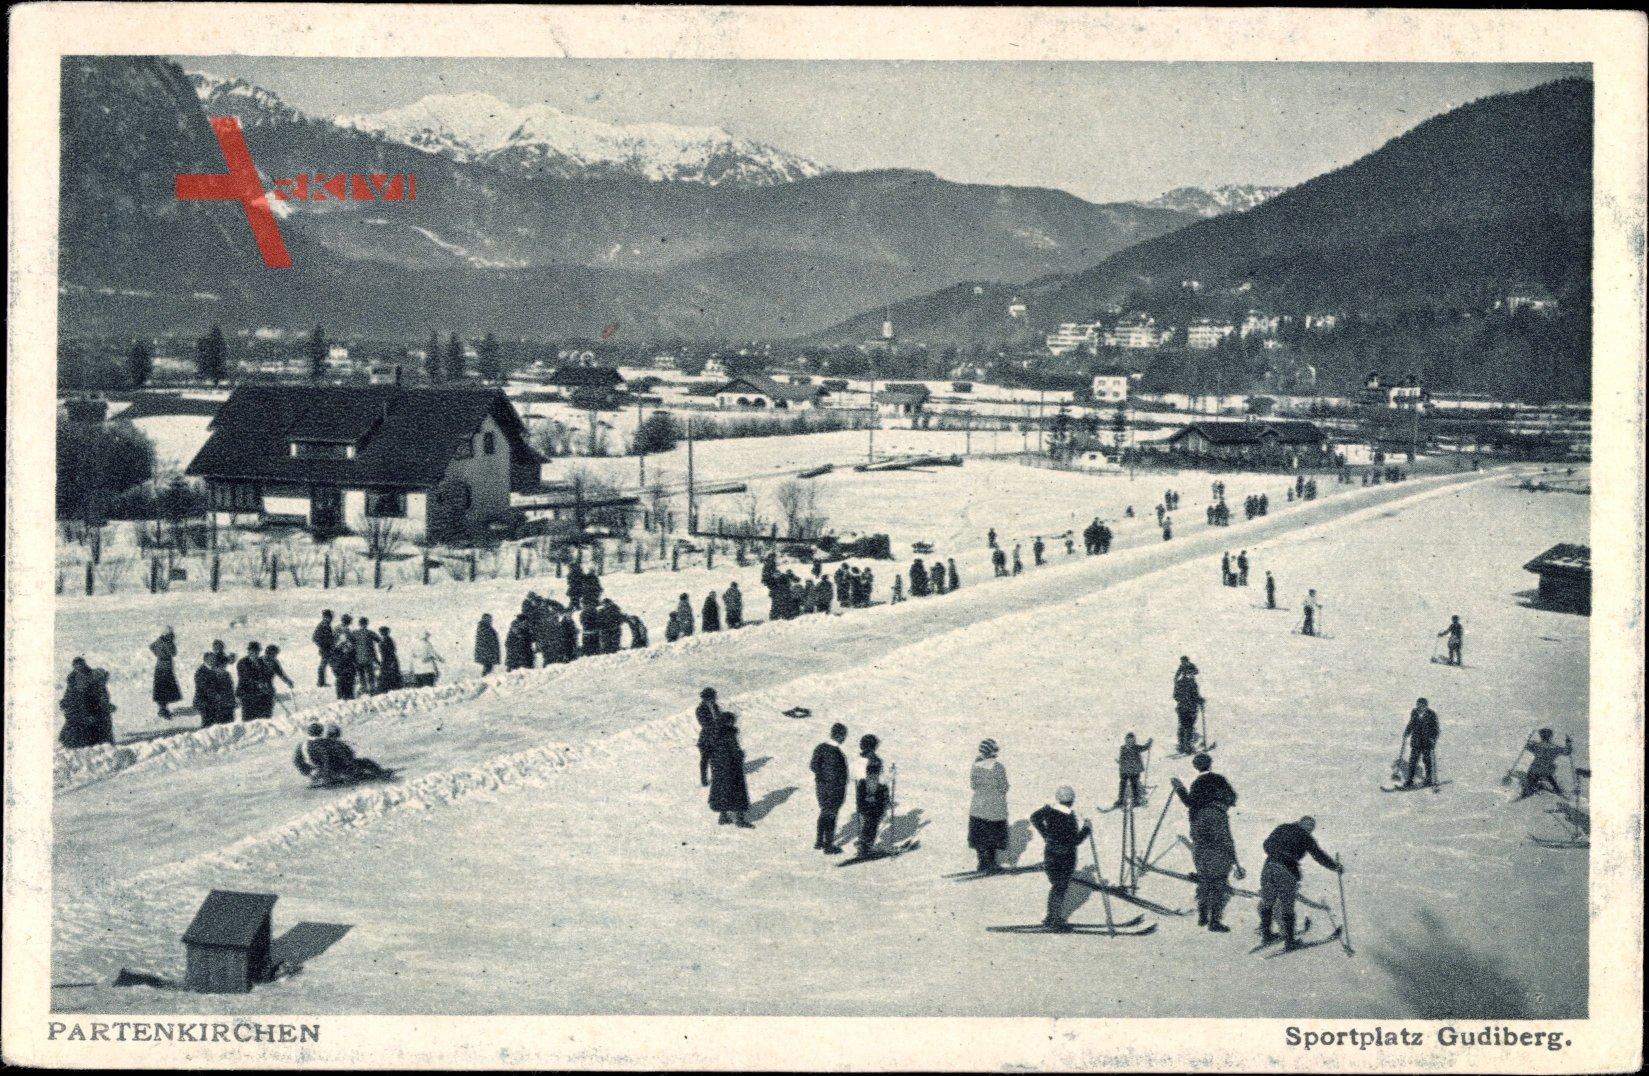 Garmisch Partenkirchen, Winteraufnahme, Sportplatz Gudiberg, Skifahrer, Ski